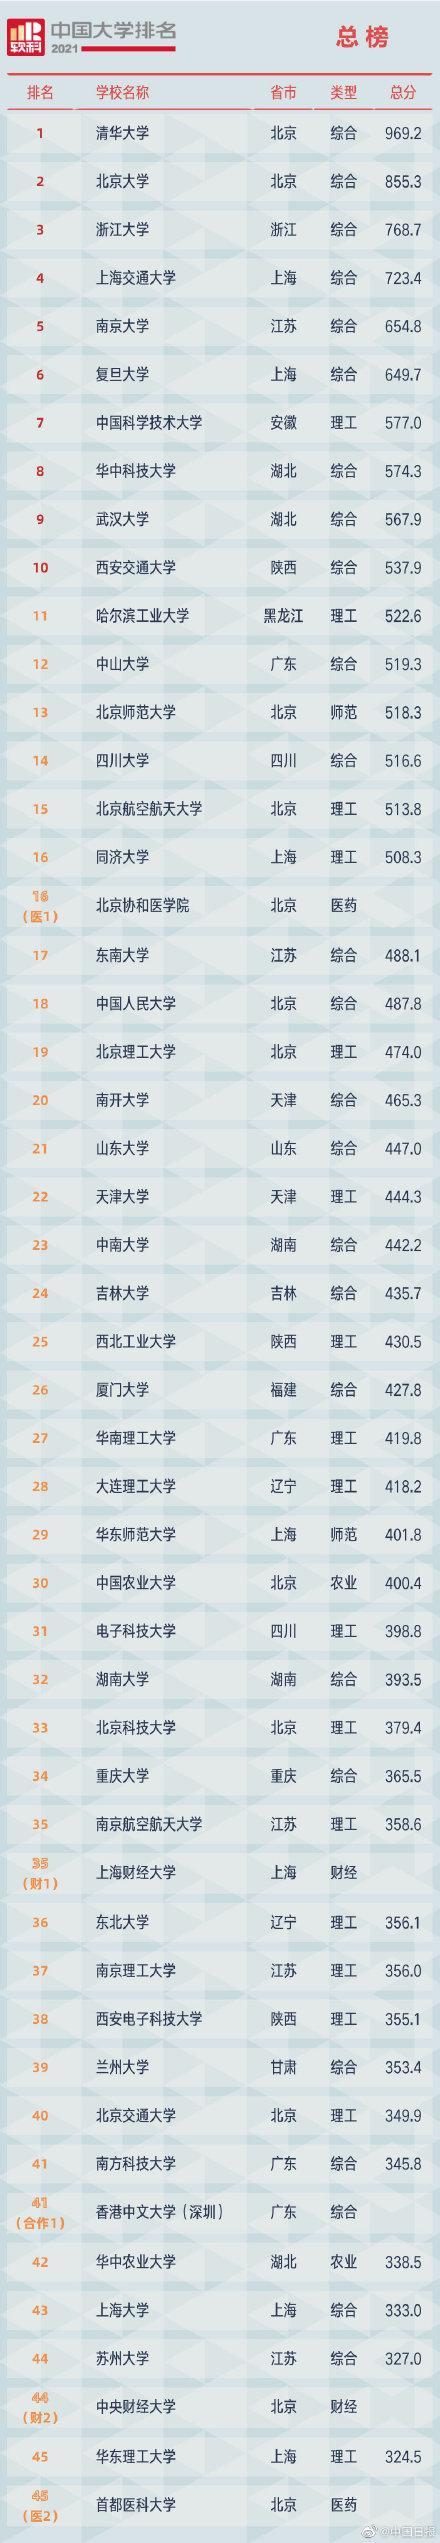 2021软科中国大学排名发布 全球新闻风头榜 第1张